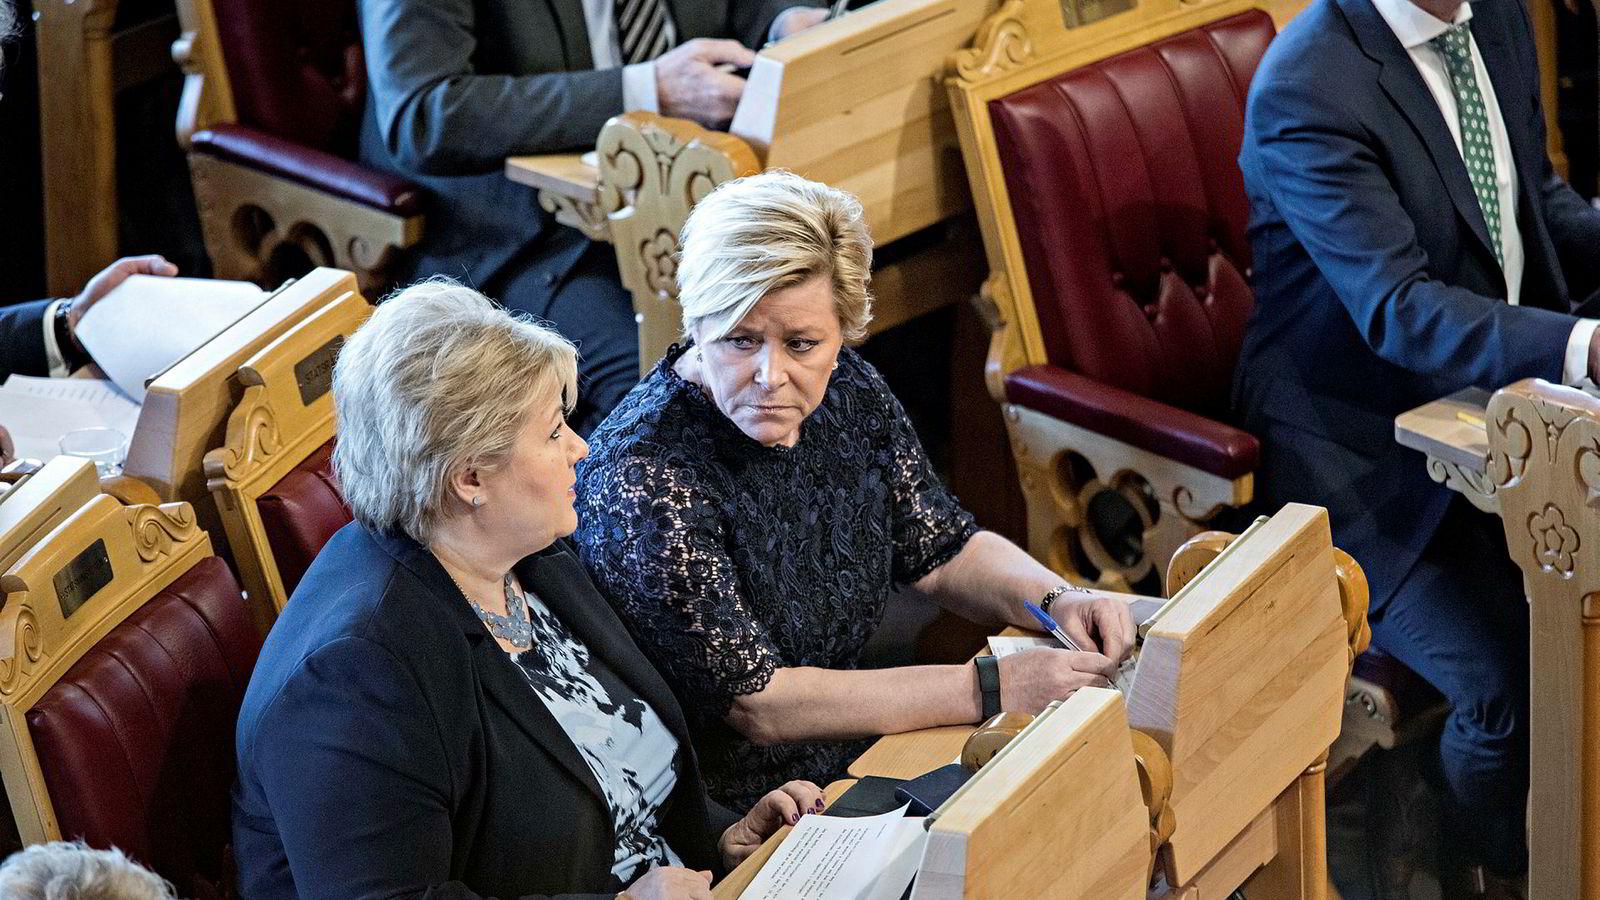 I dag har vi en regjering der begge de to store partiene, her representert ved Høyre-leder Erna Solberg (til venstre) og Frp-leder Siv Jensen, i prinsippet ønsker hele fylkeskommunen dit pepperen gror.